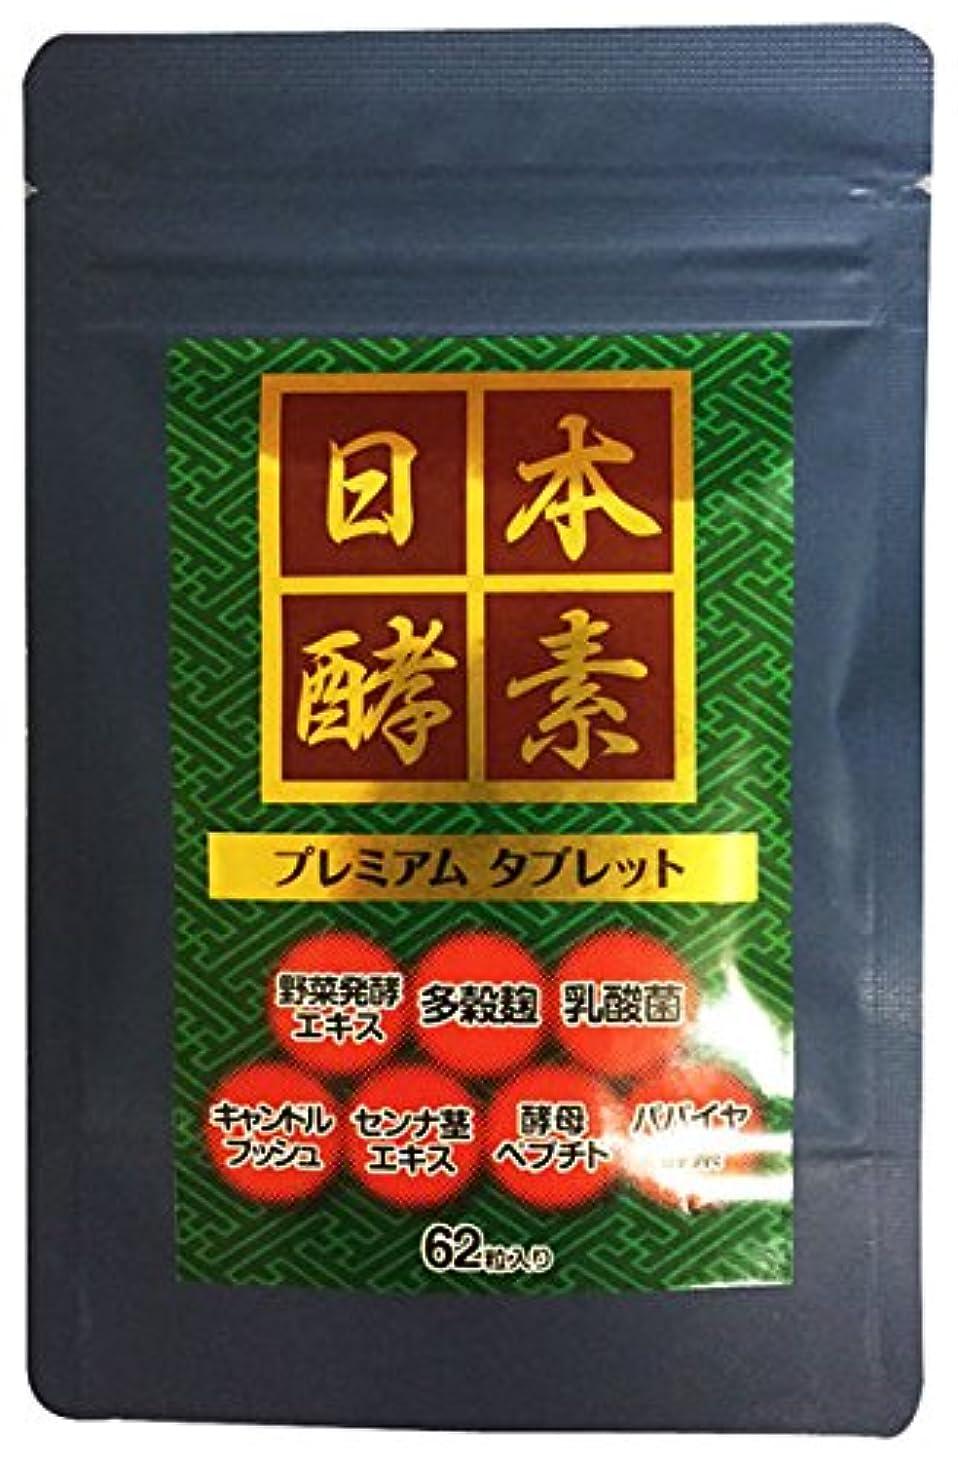 ビジター宇宙の交響曲日本酵素プレミアムタブレット 62粒